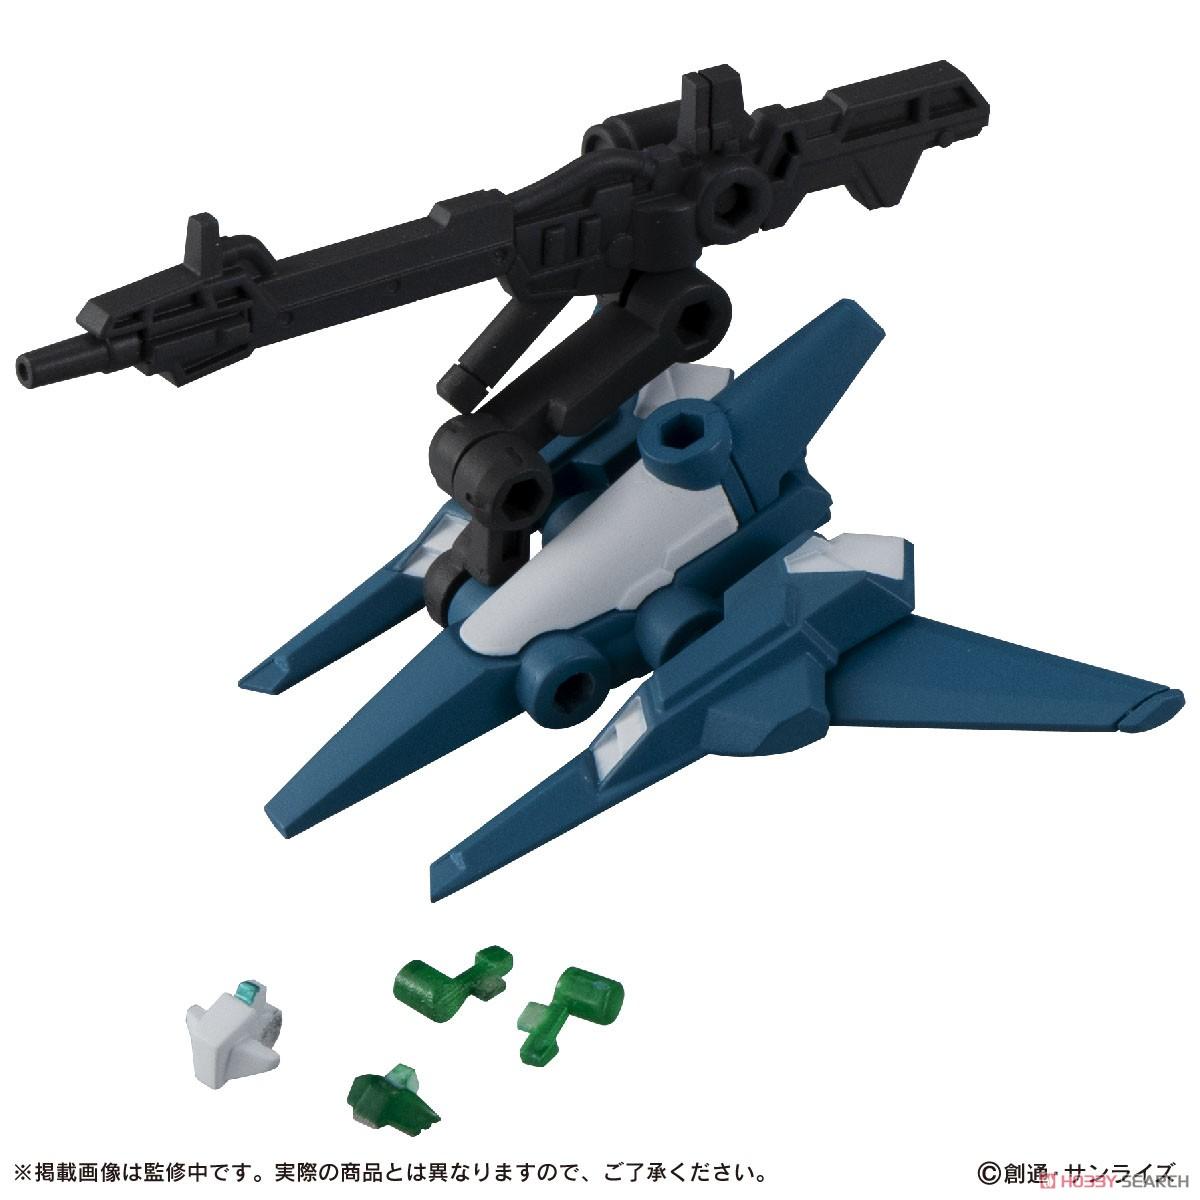 機動戦士ガンダム『MOBILE SUIT ENSEMBLE15』デフォルメ可動フィギュア 10個入りBOX-004